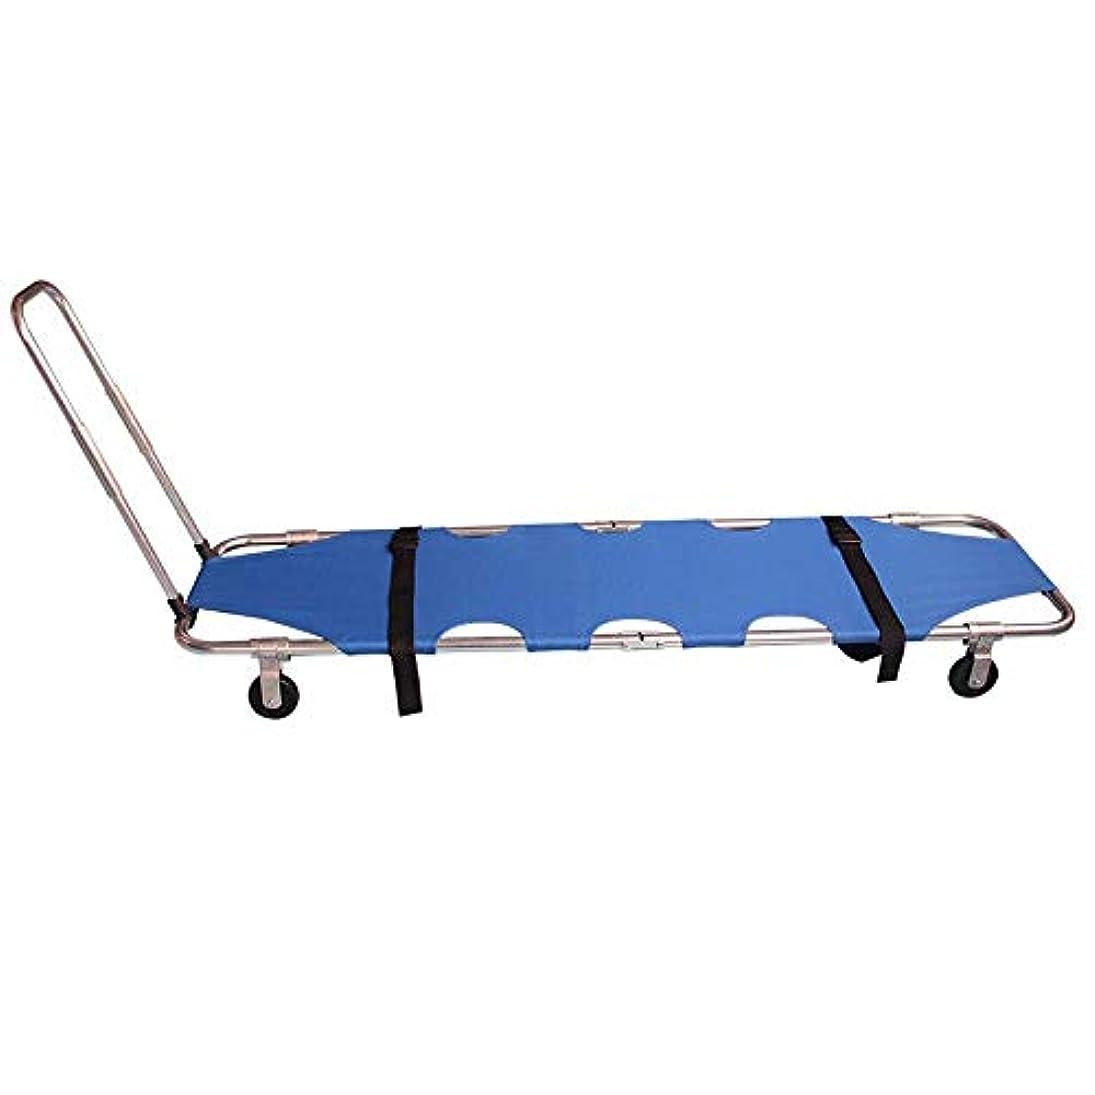 データベース終了しましたロッジ緊急救助ストレッチャー、病院、クリニック、ホームなどのための4つの車輪とシートベルトを備えたフラット折りたたみ式ポータブルストレッチャー